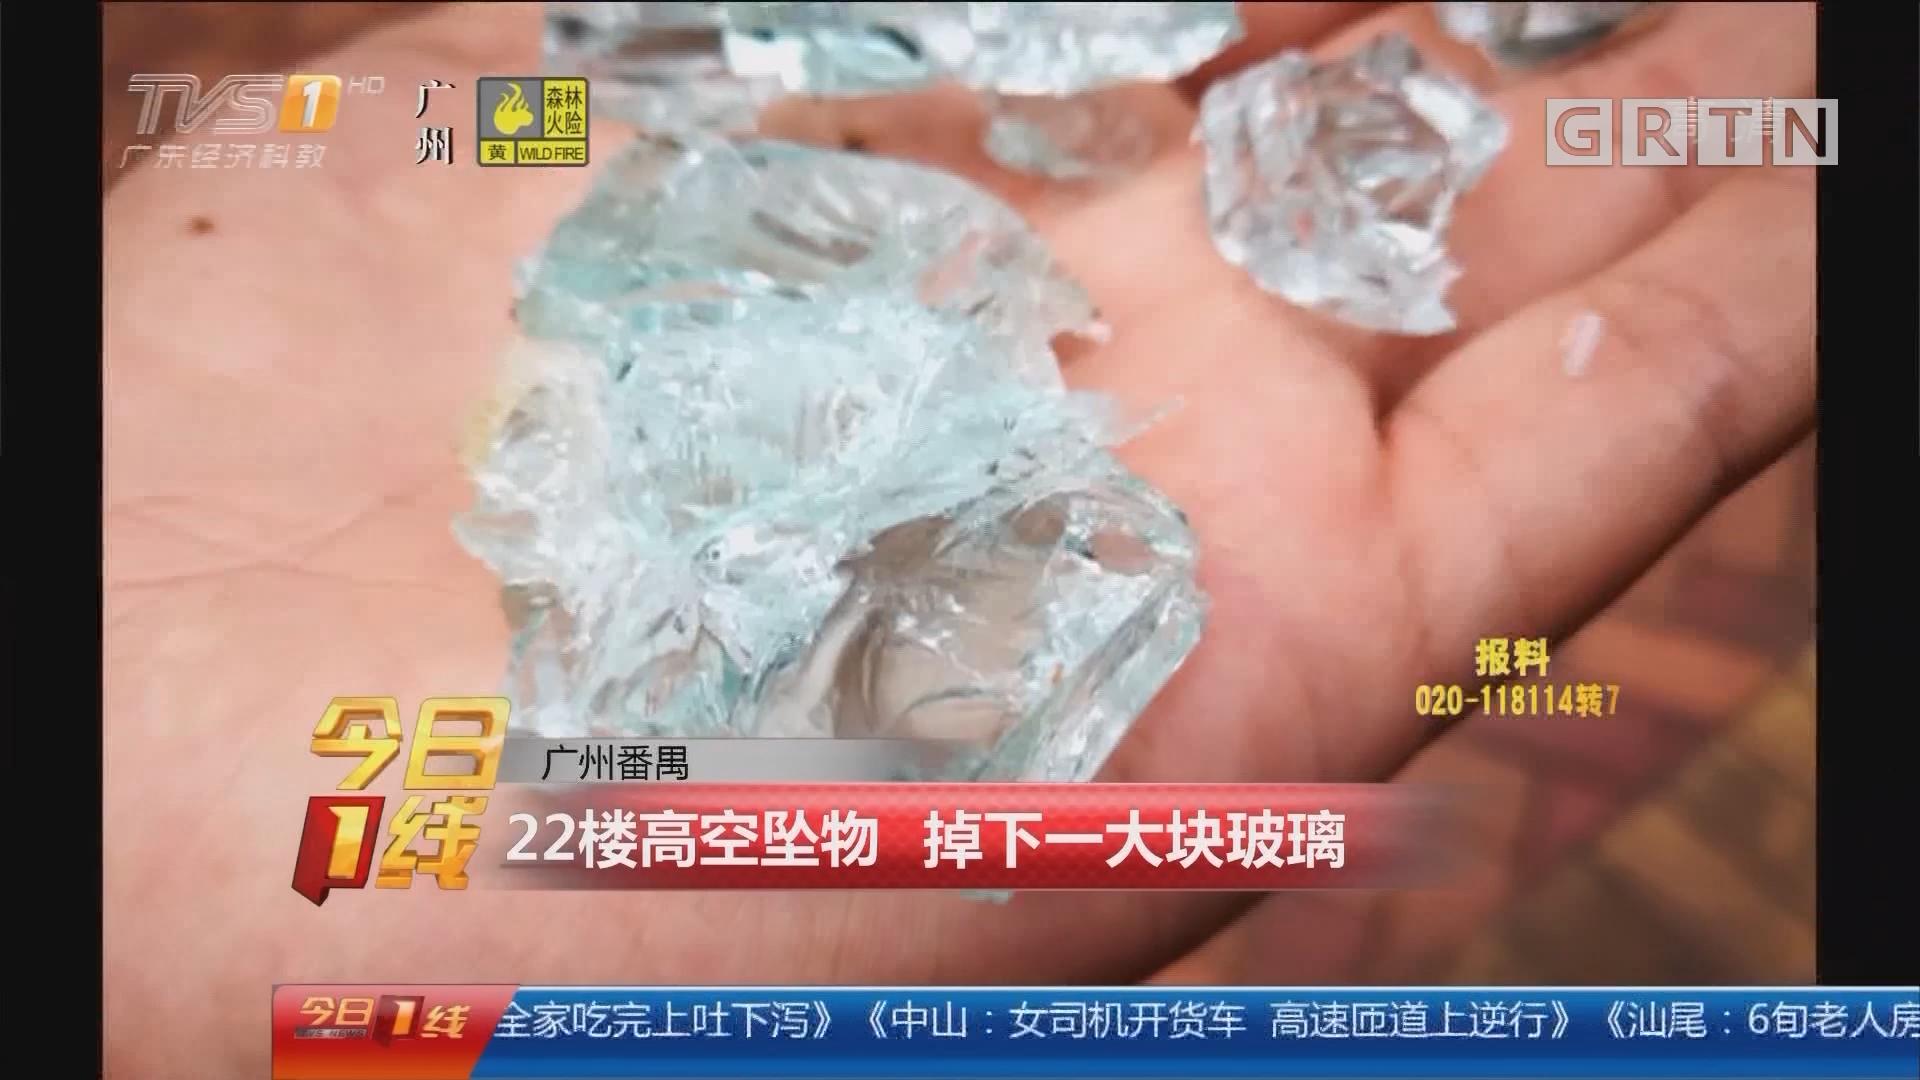 广州番禺:22楼高空坠物 掉下一大块玻璃